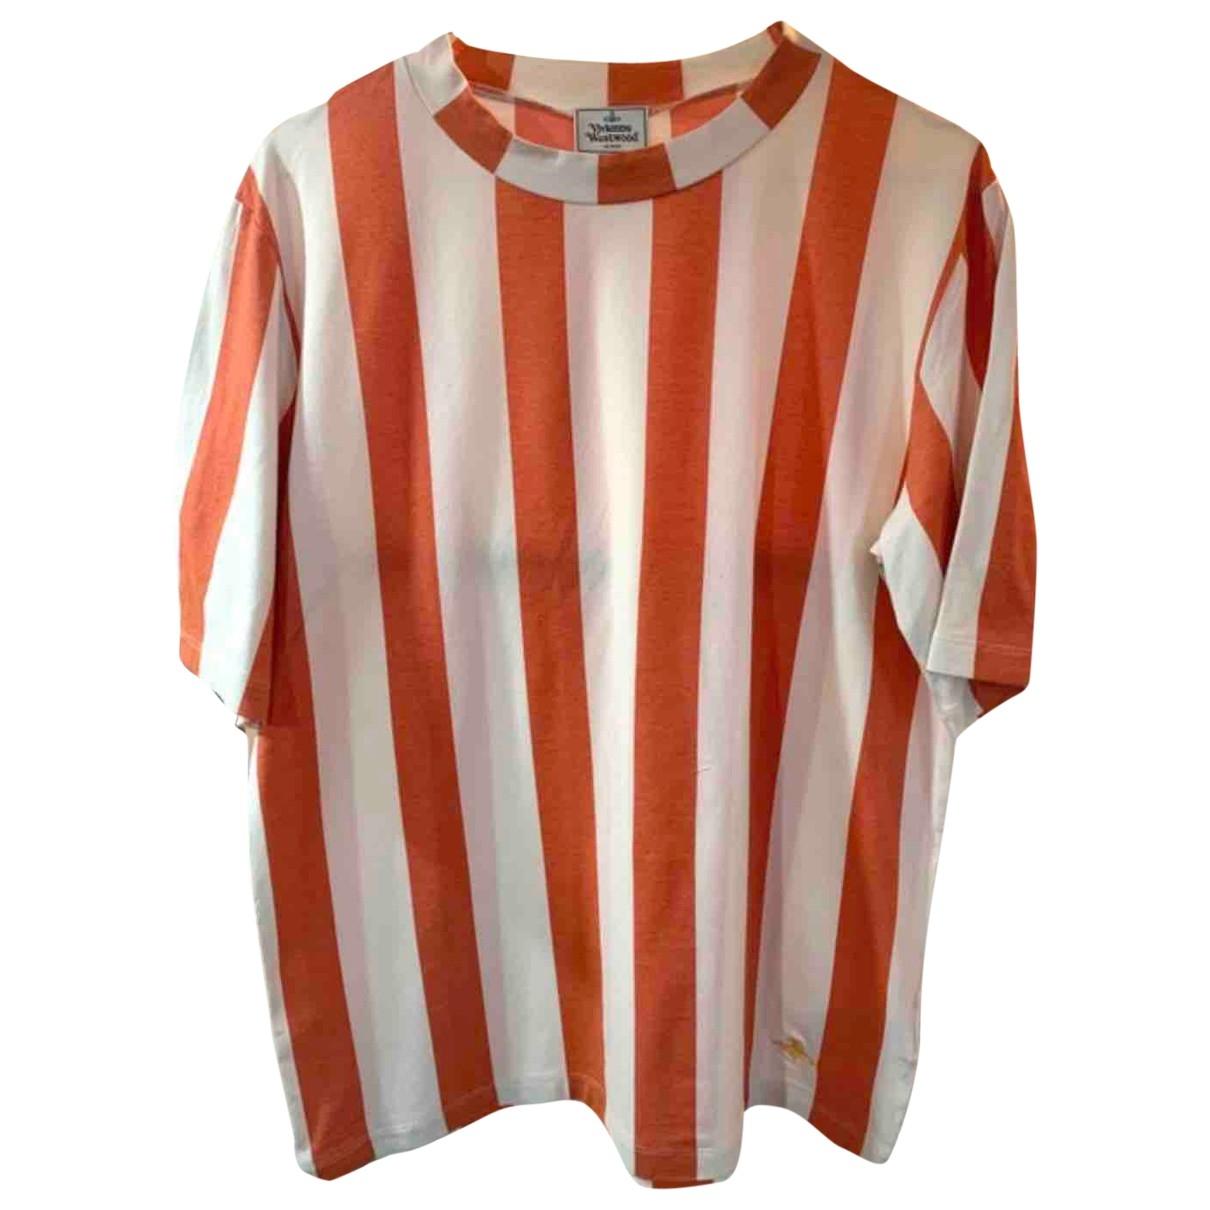 Vivienne Westwood - Tee shirts   pour homme - orange